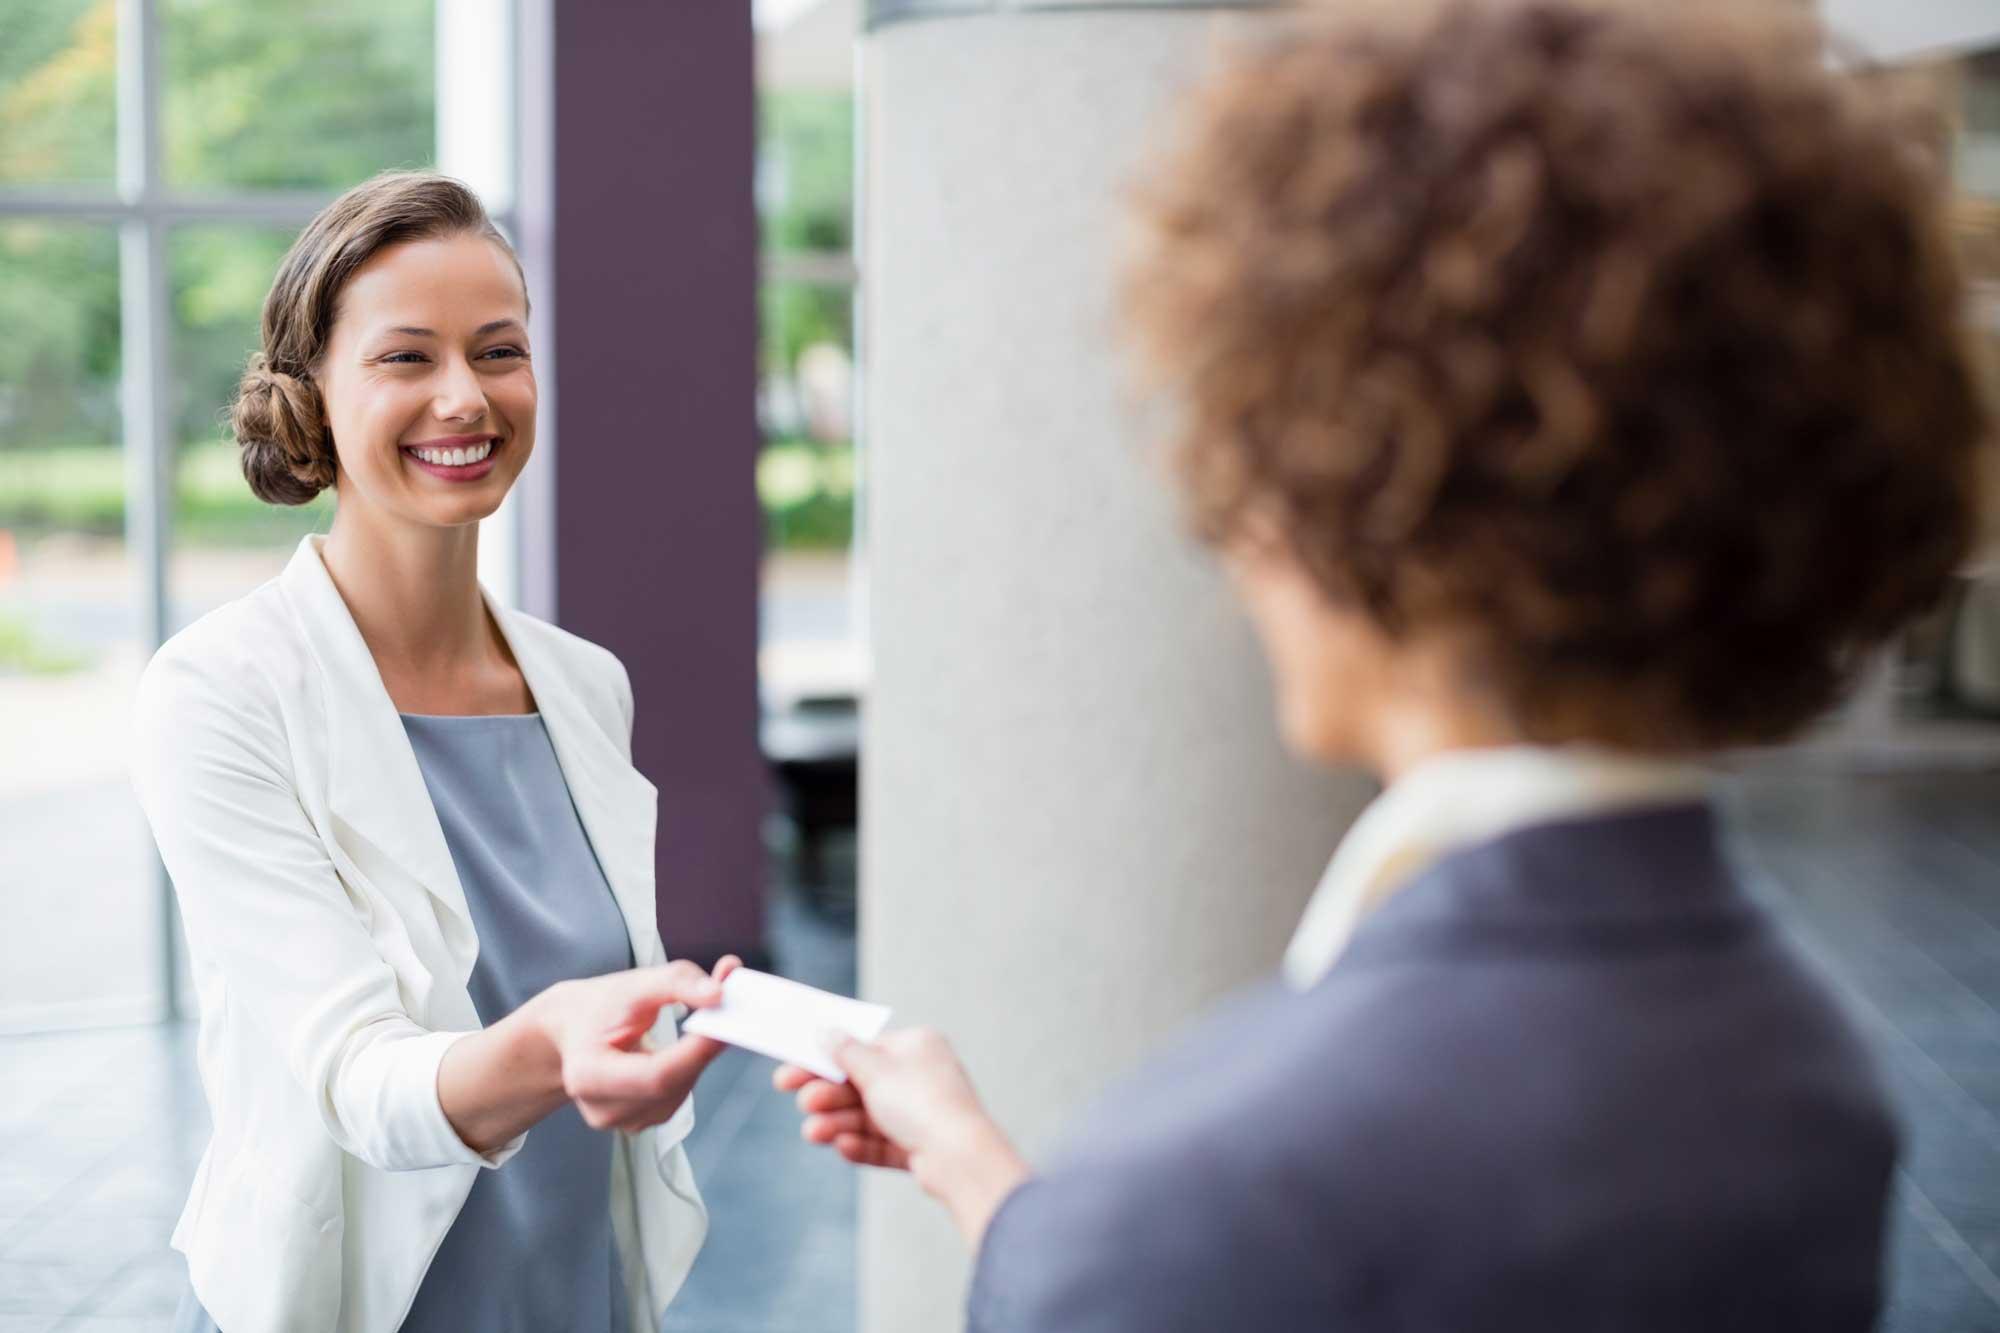 Jak stworzyć atrakcyjną wizytówkę? komunikacja biznesowa wizytowka